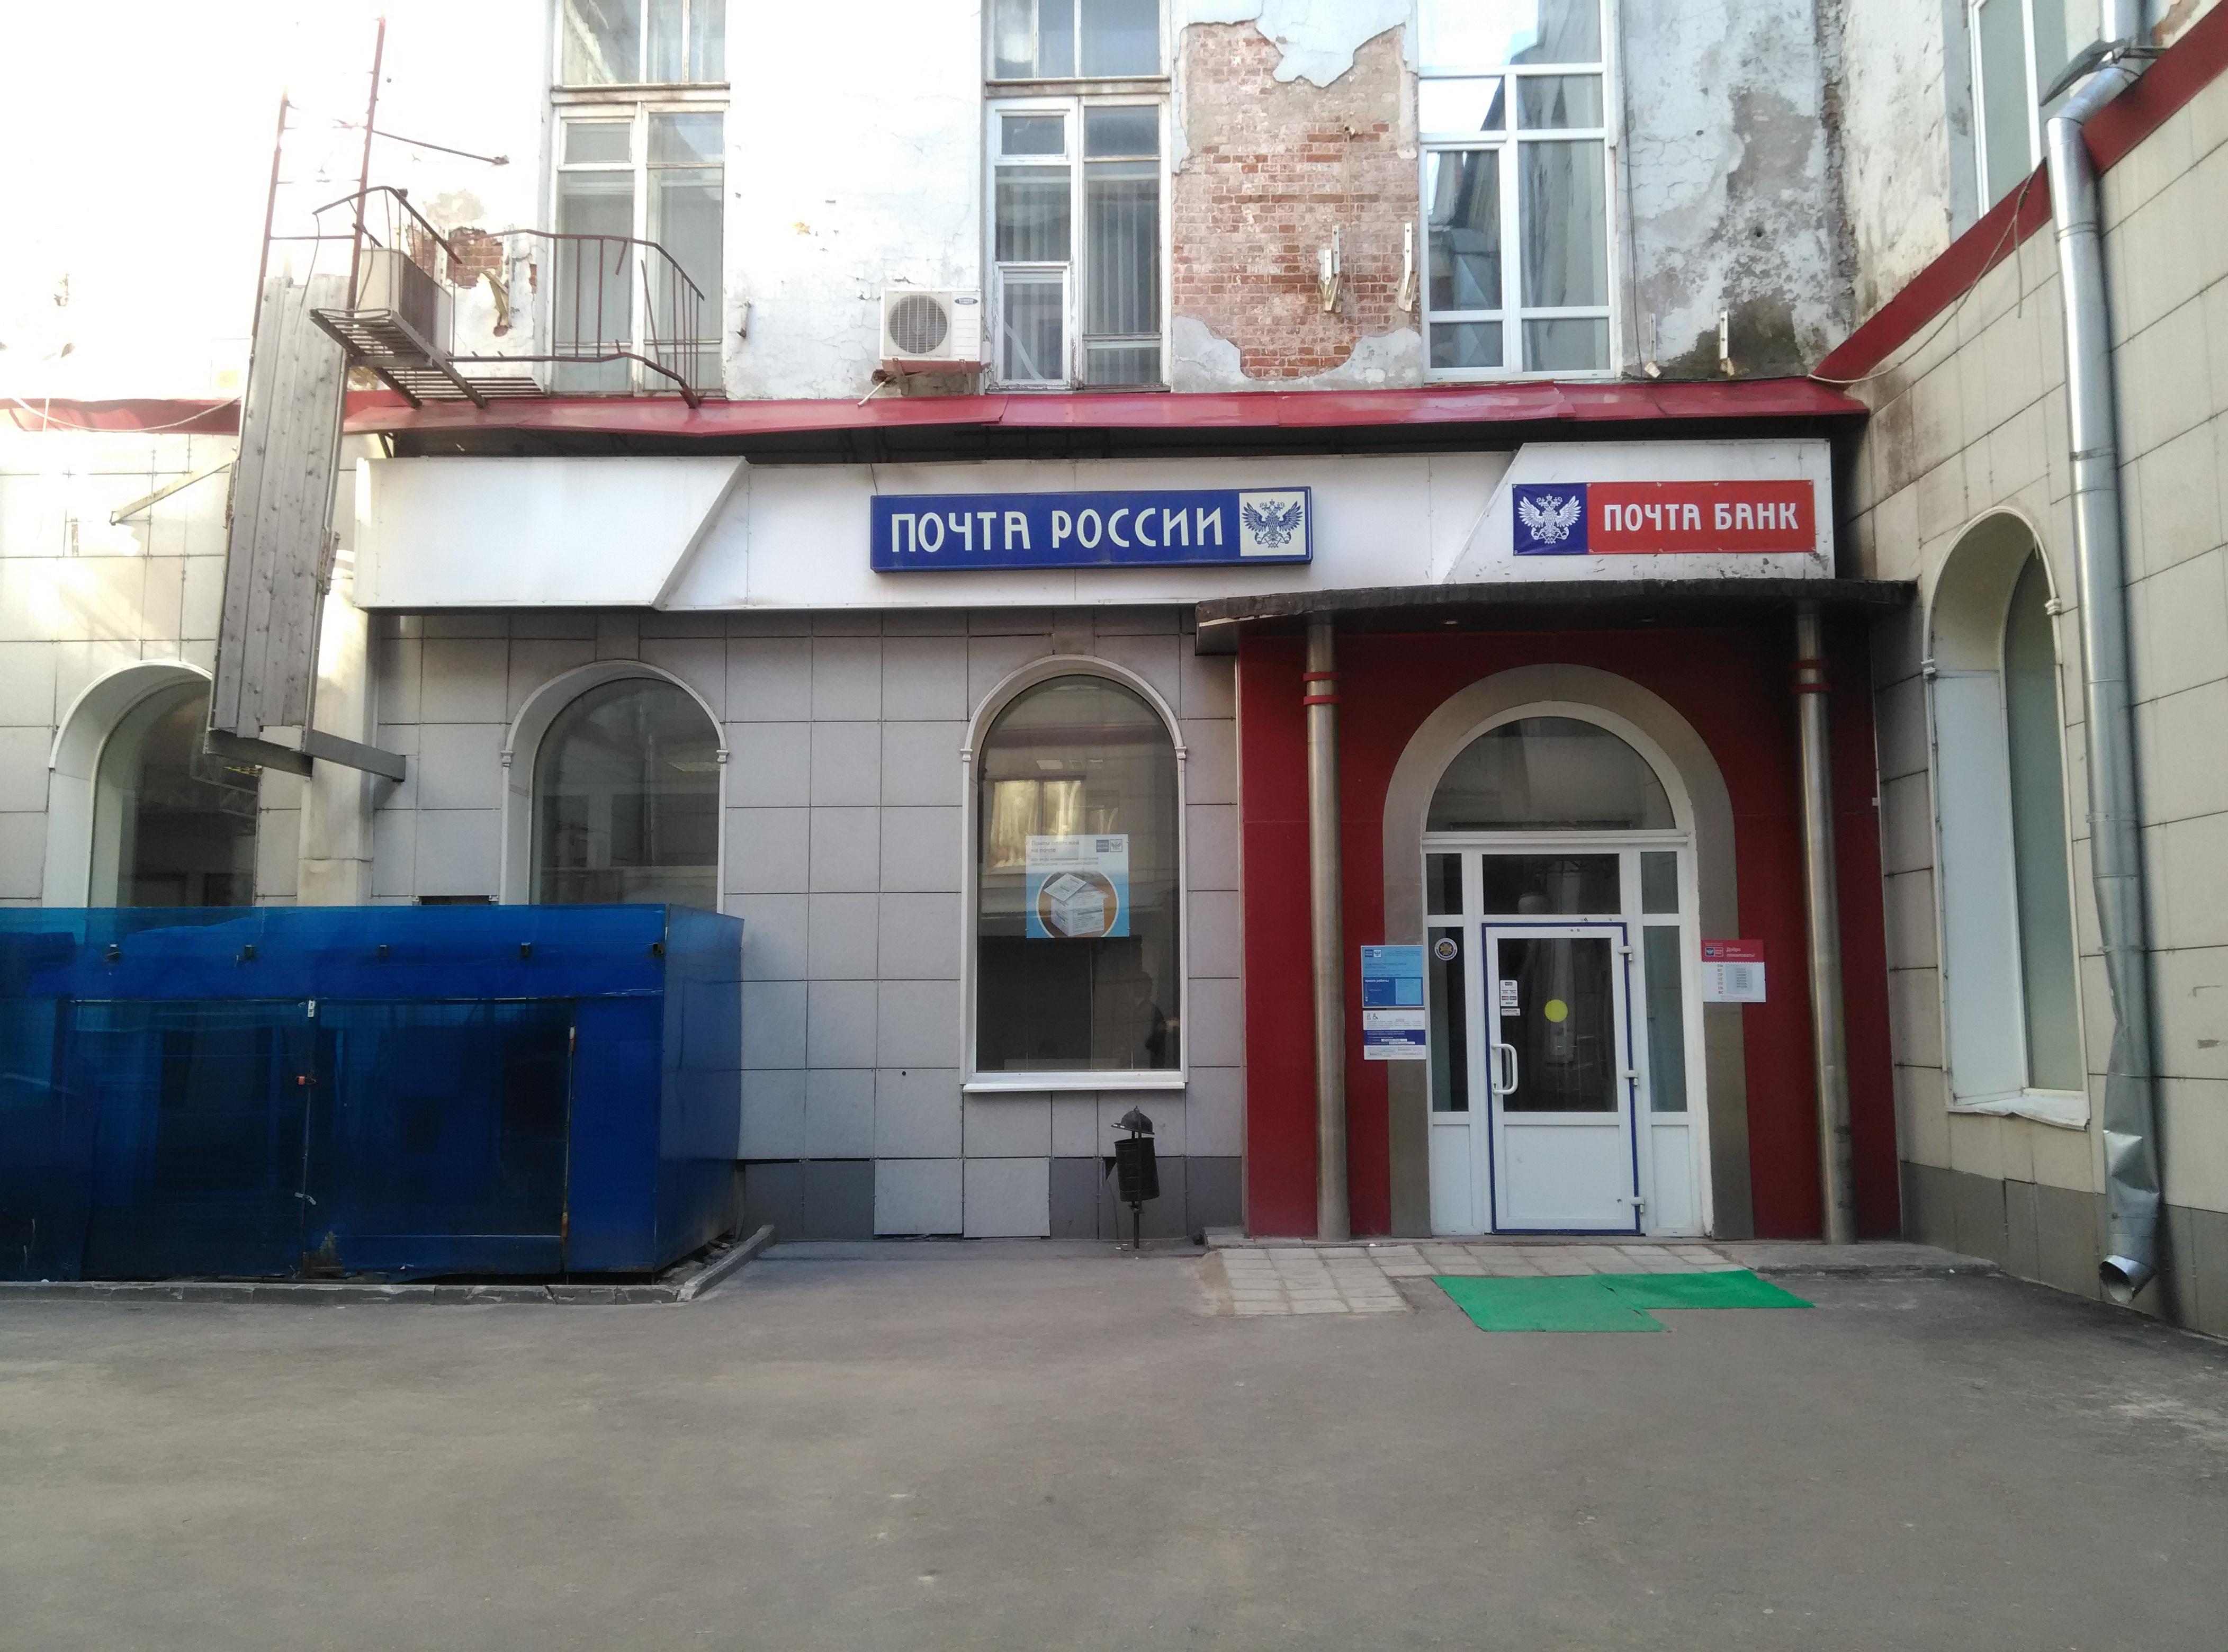 Фгуп почта россии мясницкая 26 телефон бухгалтерии при регистрации ип сразу подать на патент